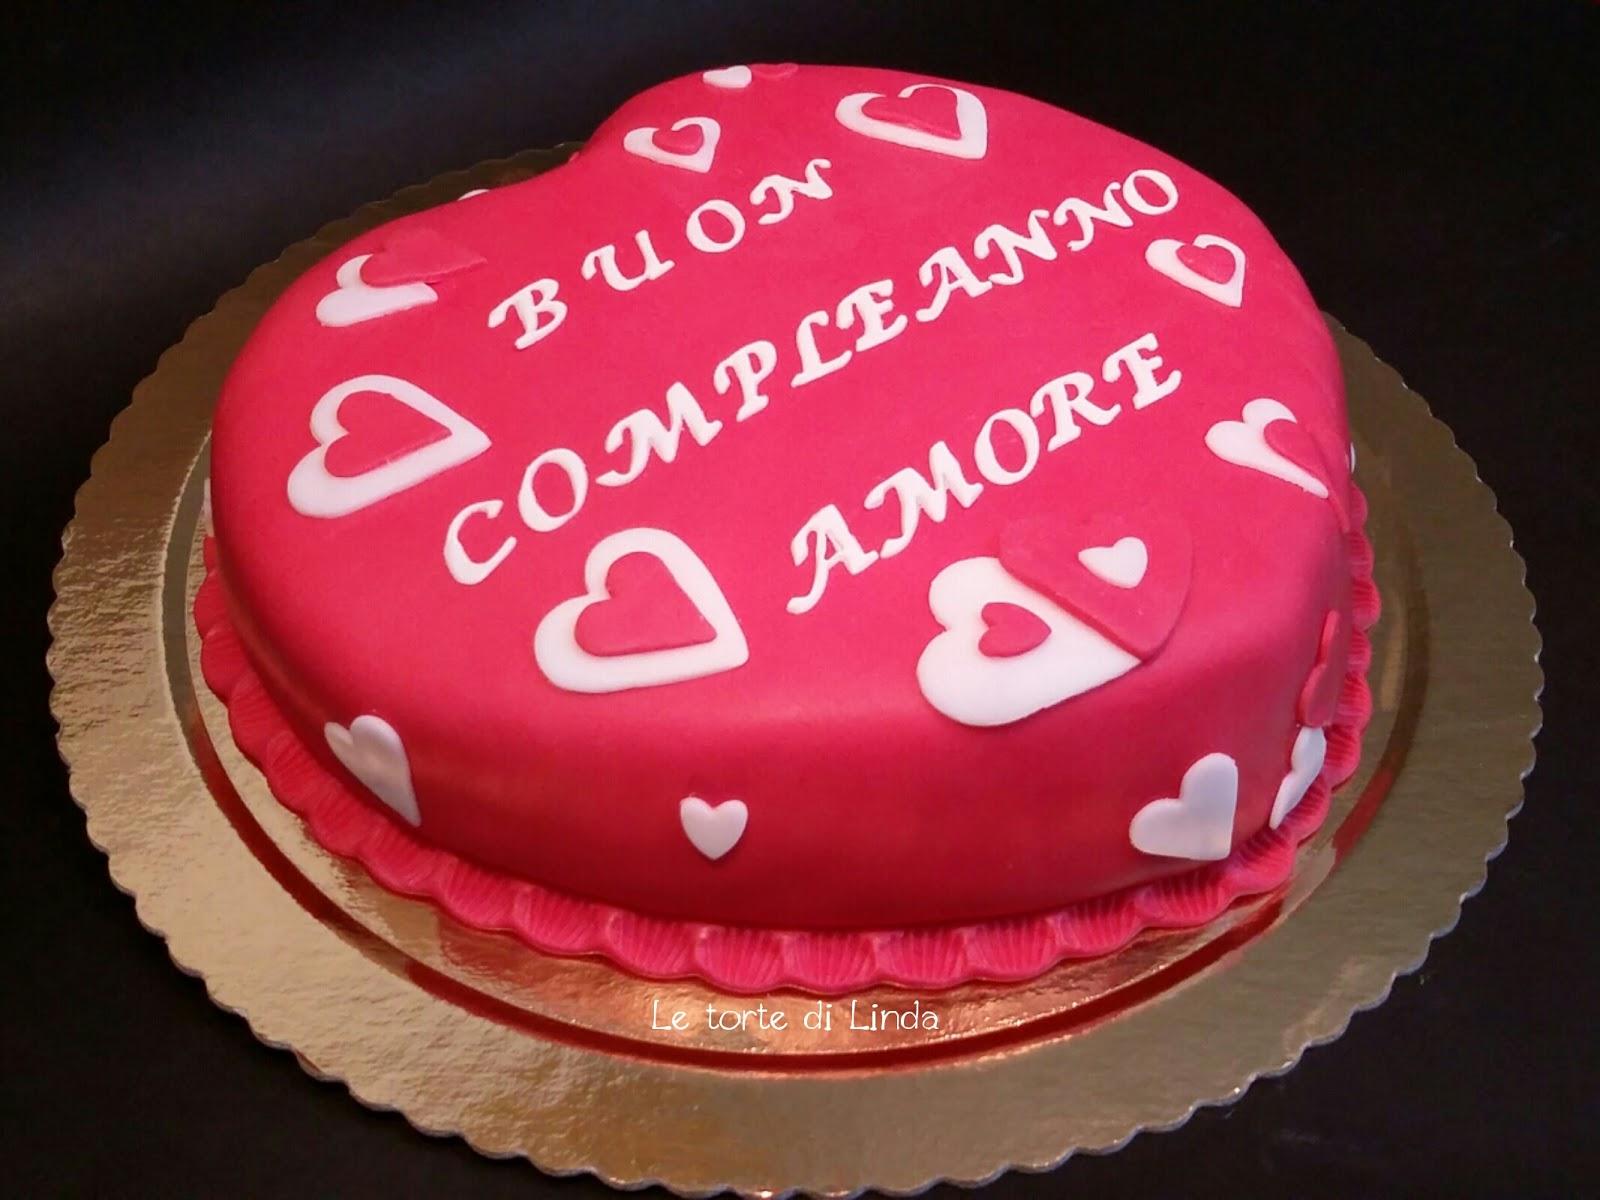 Le torte di linda